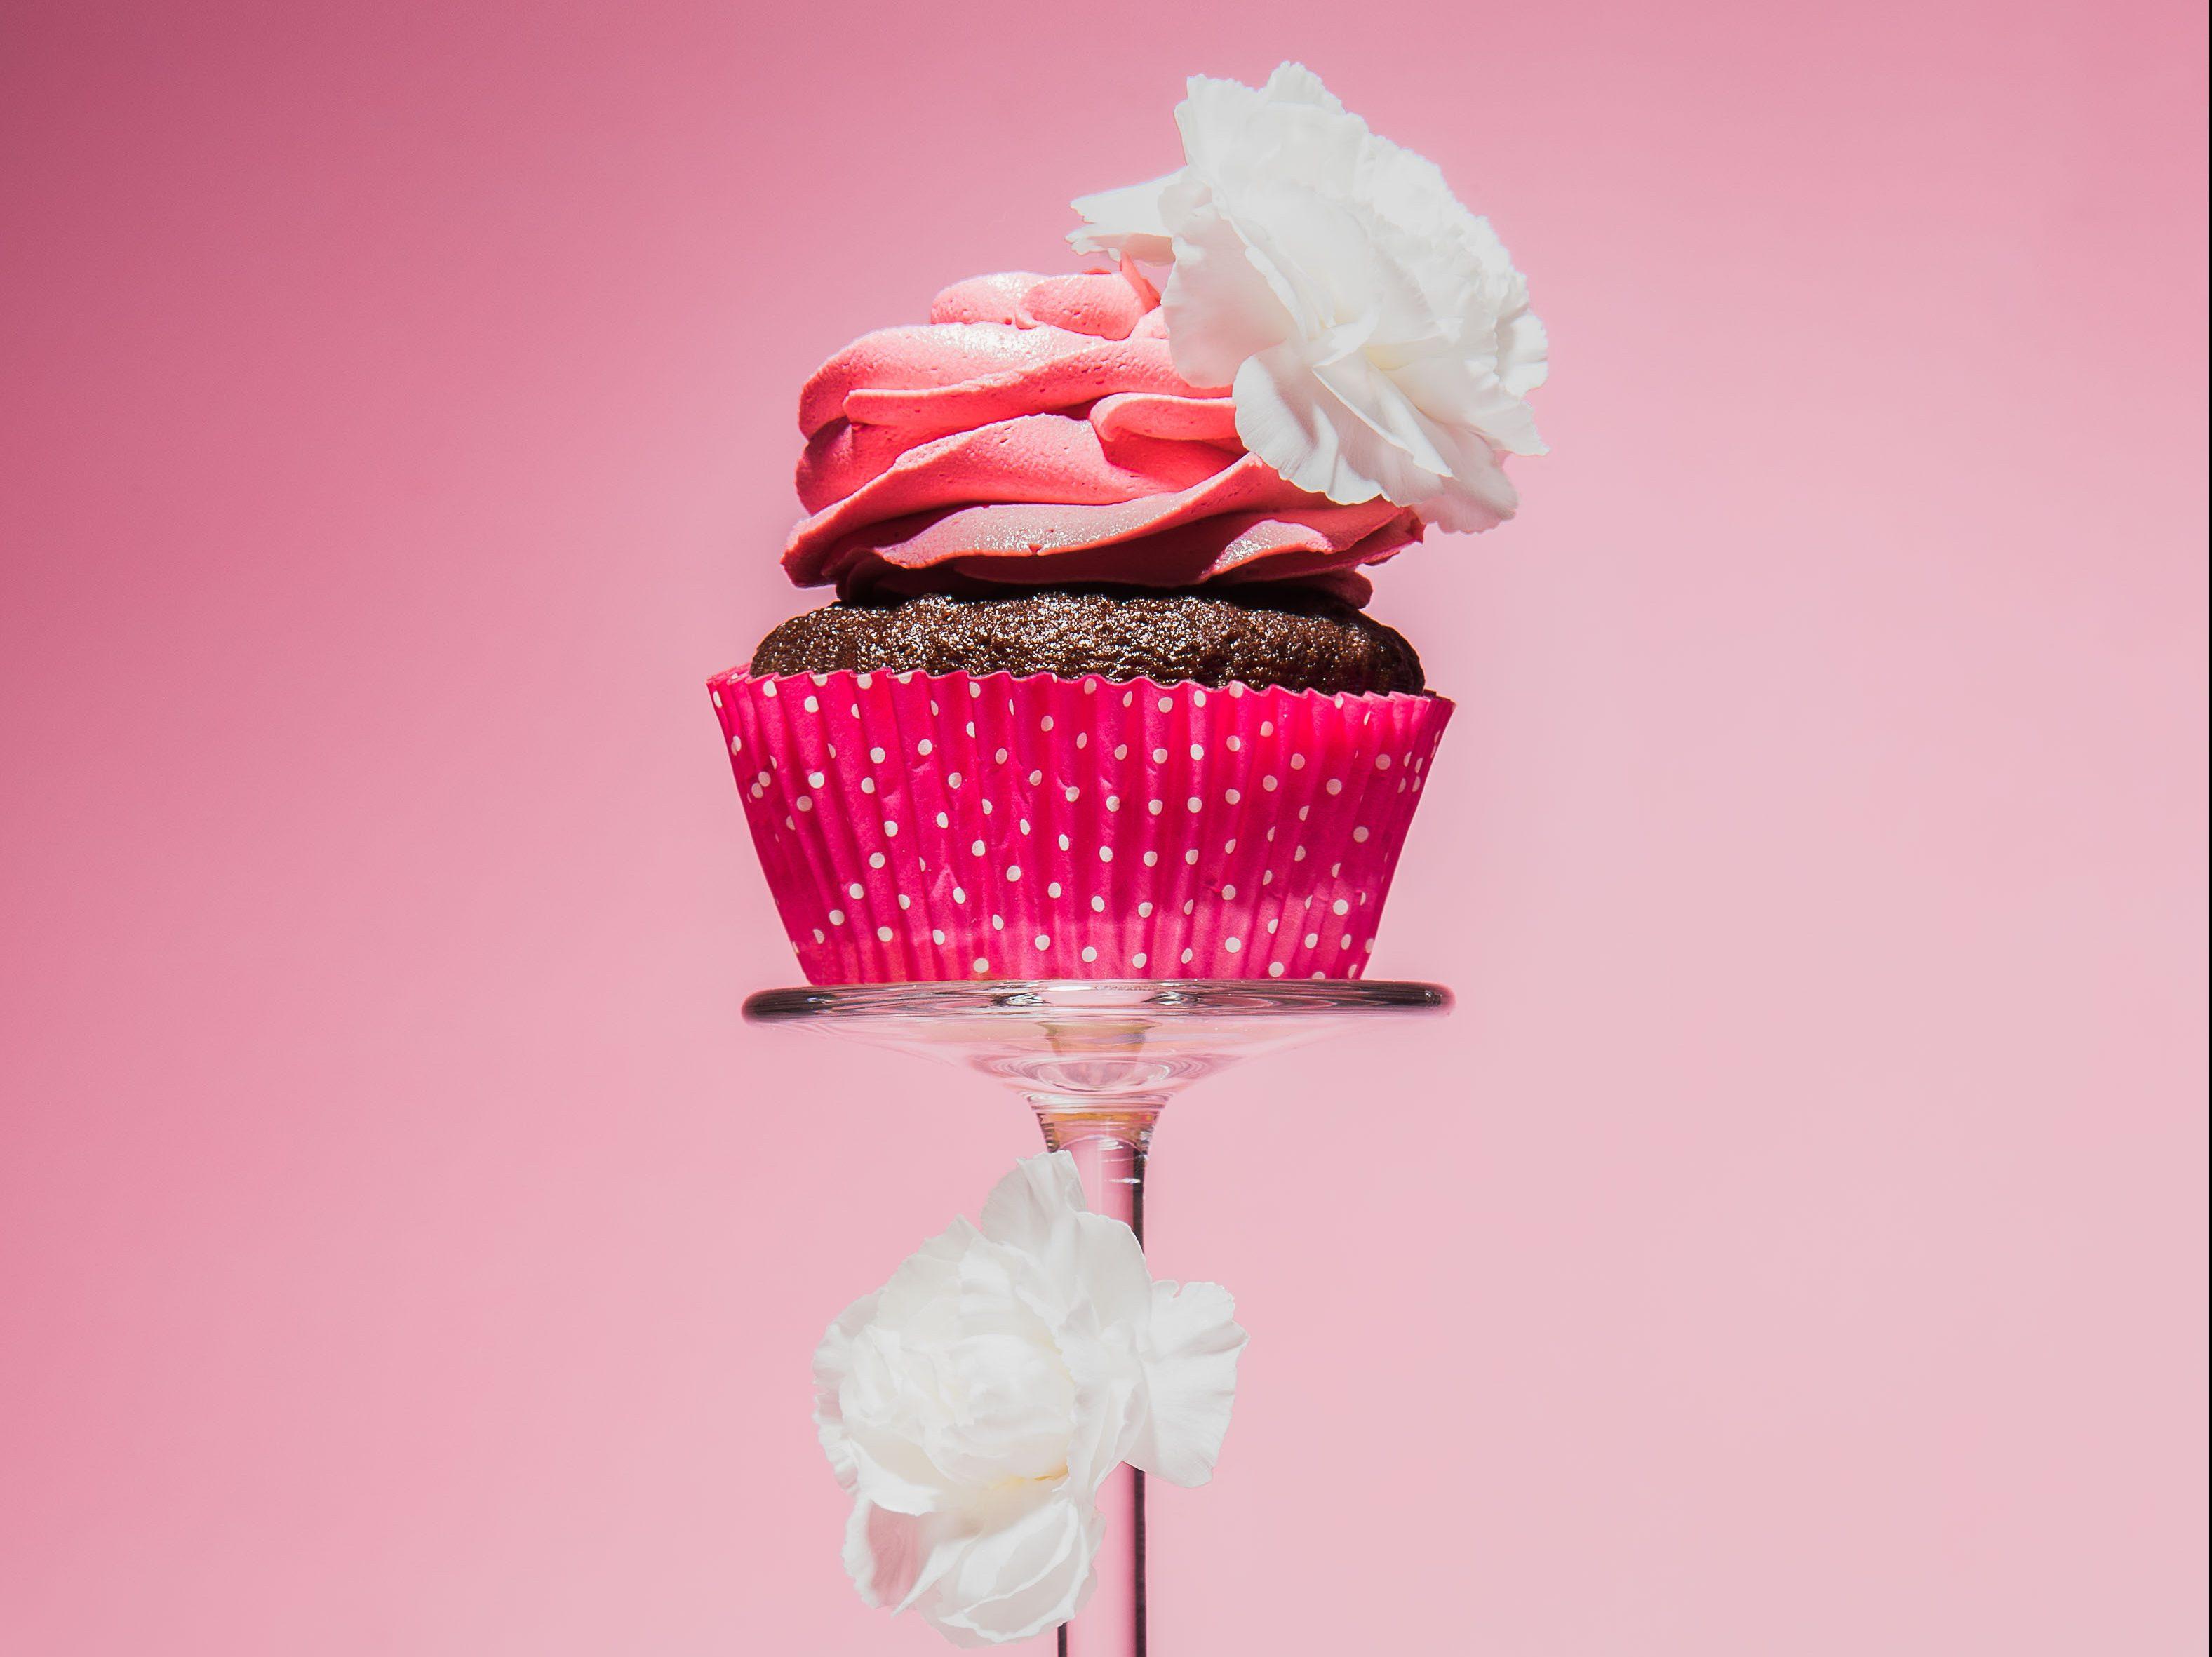 Rosa cupcake på stetten til et vinglass